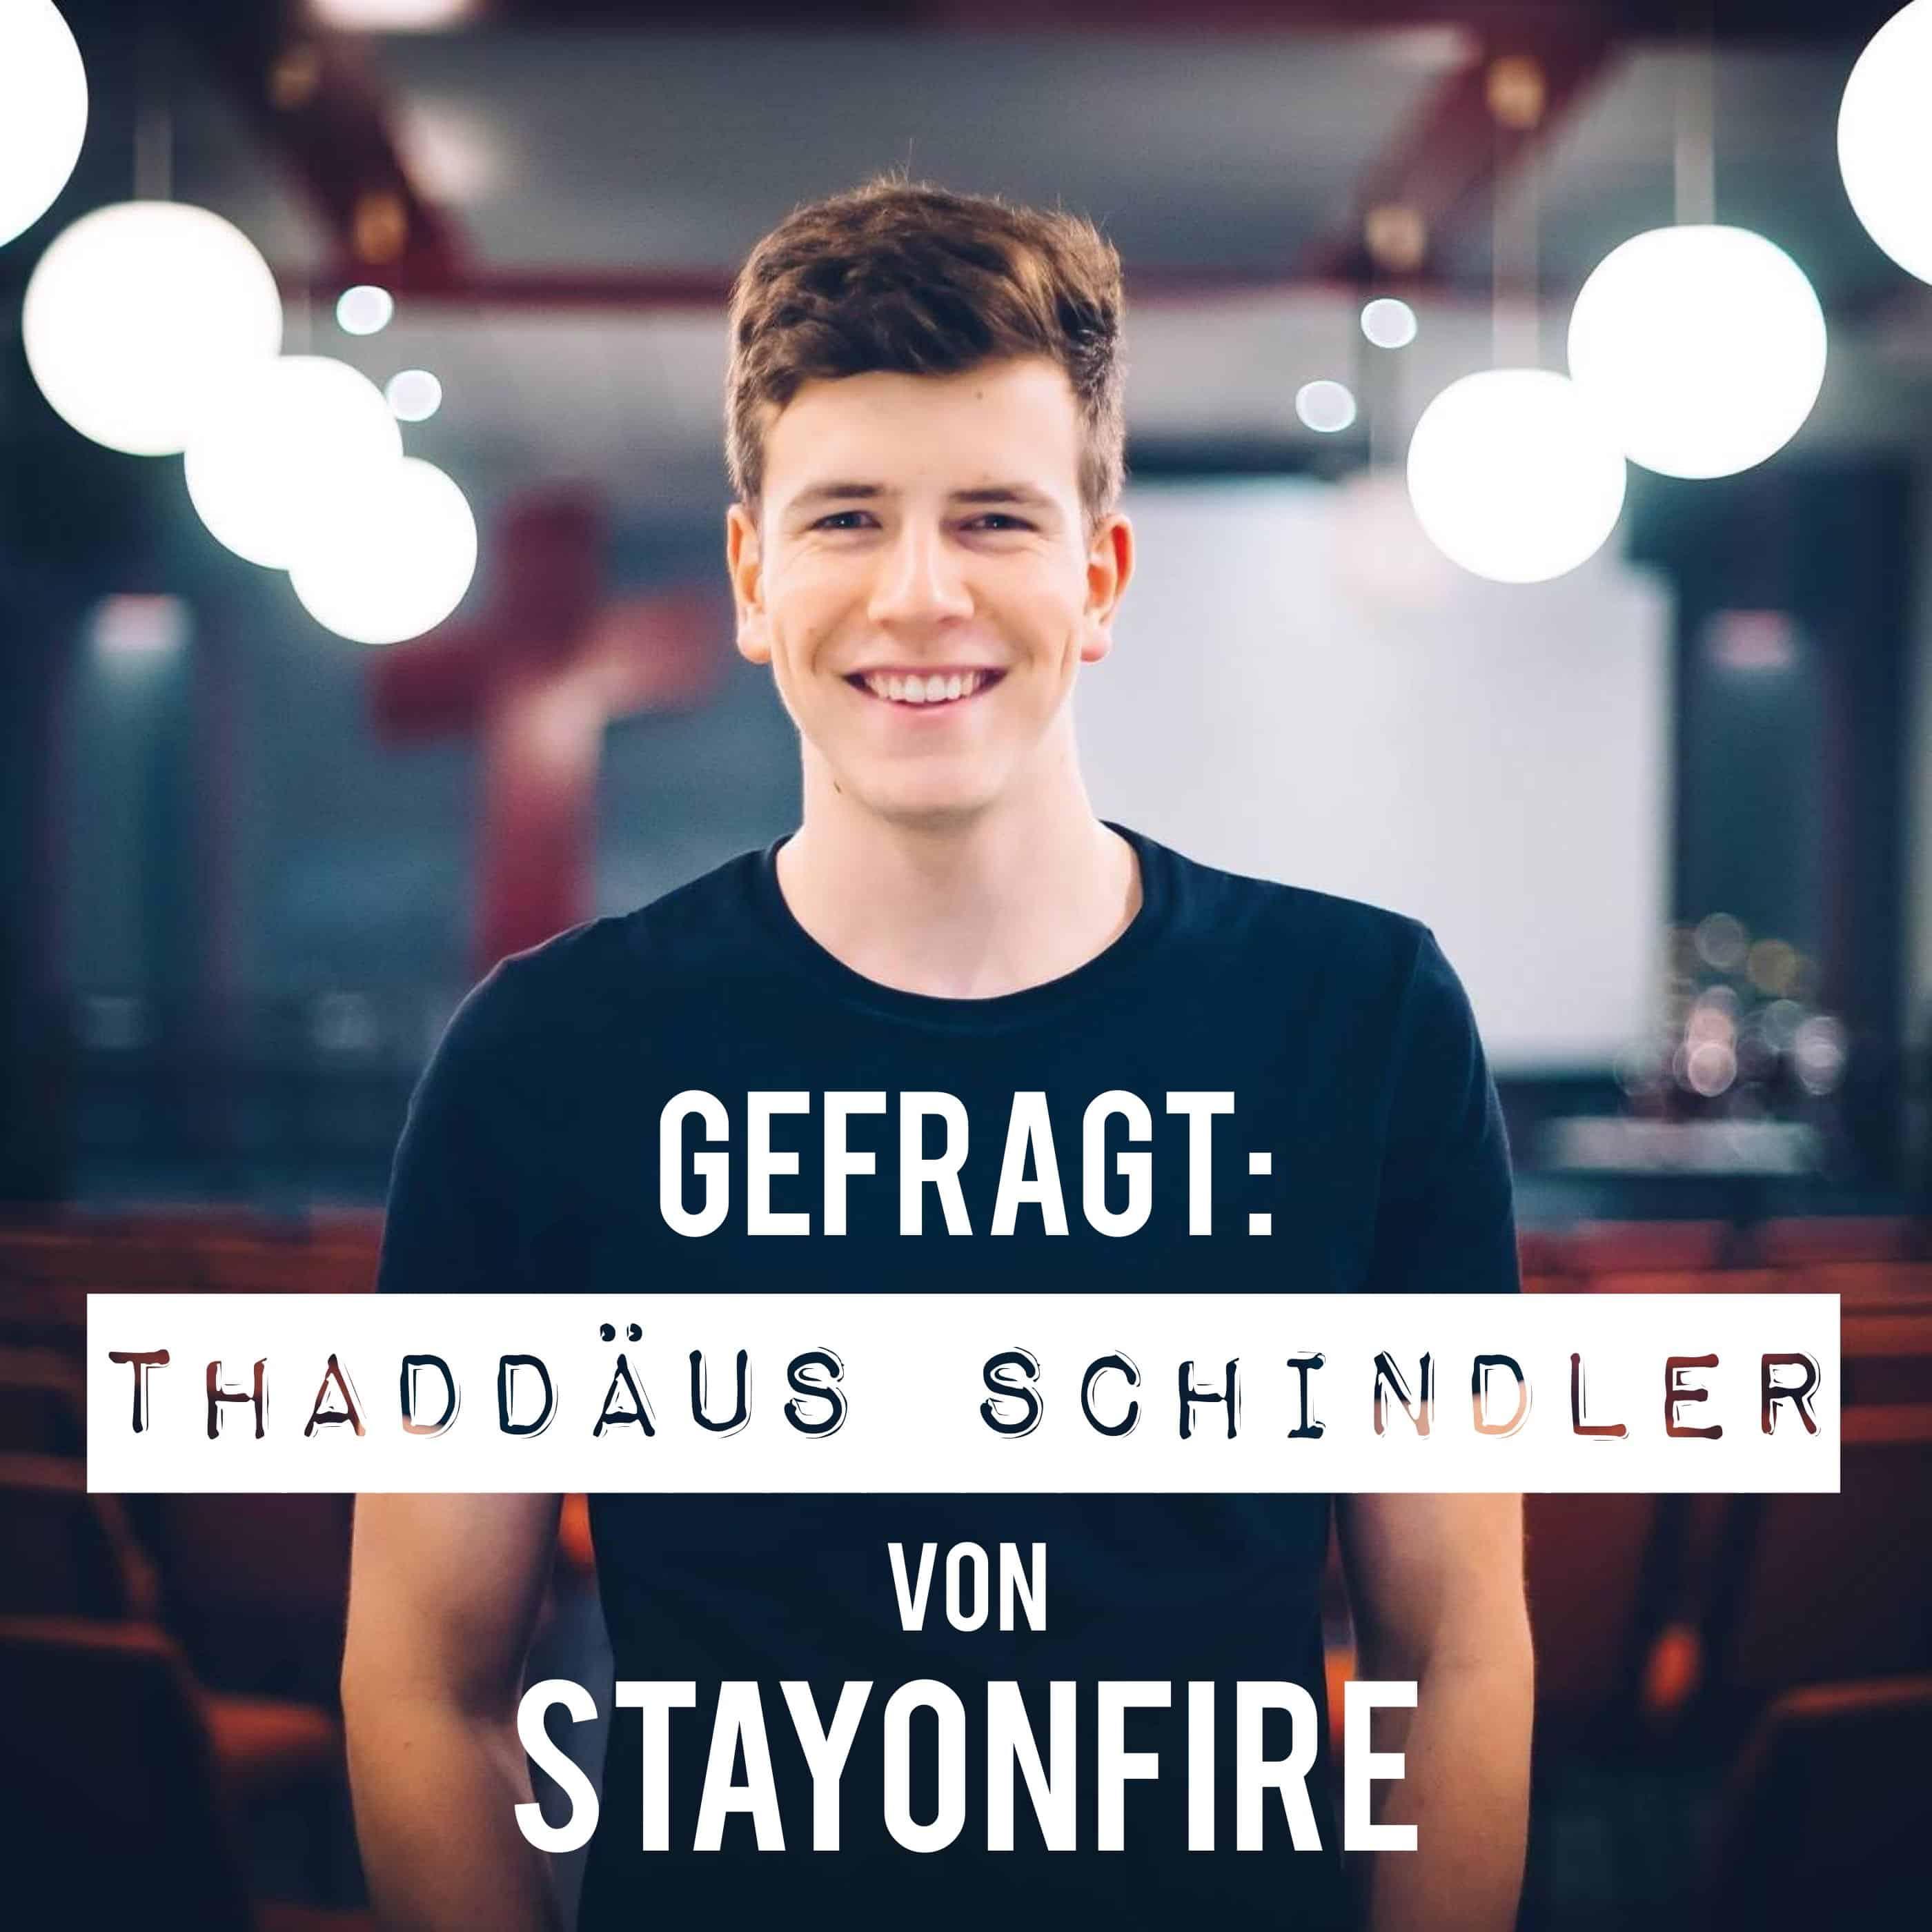 Gefragt_Thaddäus Schindler von STAYONFIRE